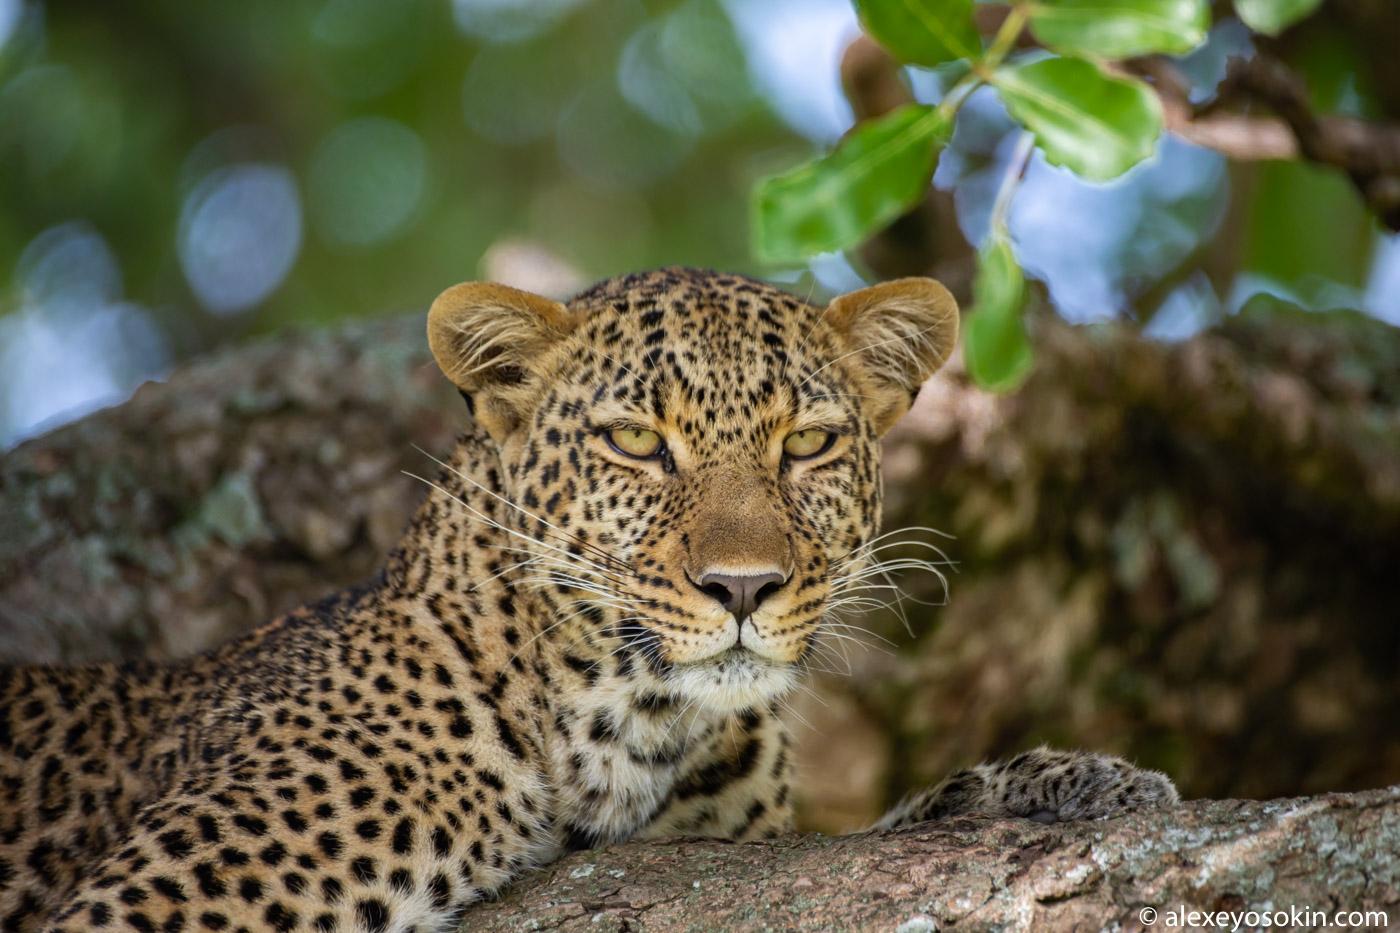 Убийственная красотка Кали... Продолжаем, лучше, съемке, Спокойная, уверенная, молоденькая, самка, леопарда, пожалуй, модели, фикуса, найти, Подписывайтесь, обновления, чтобы, узнать, дикой, природе, приступил, огромного